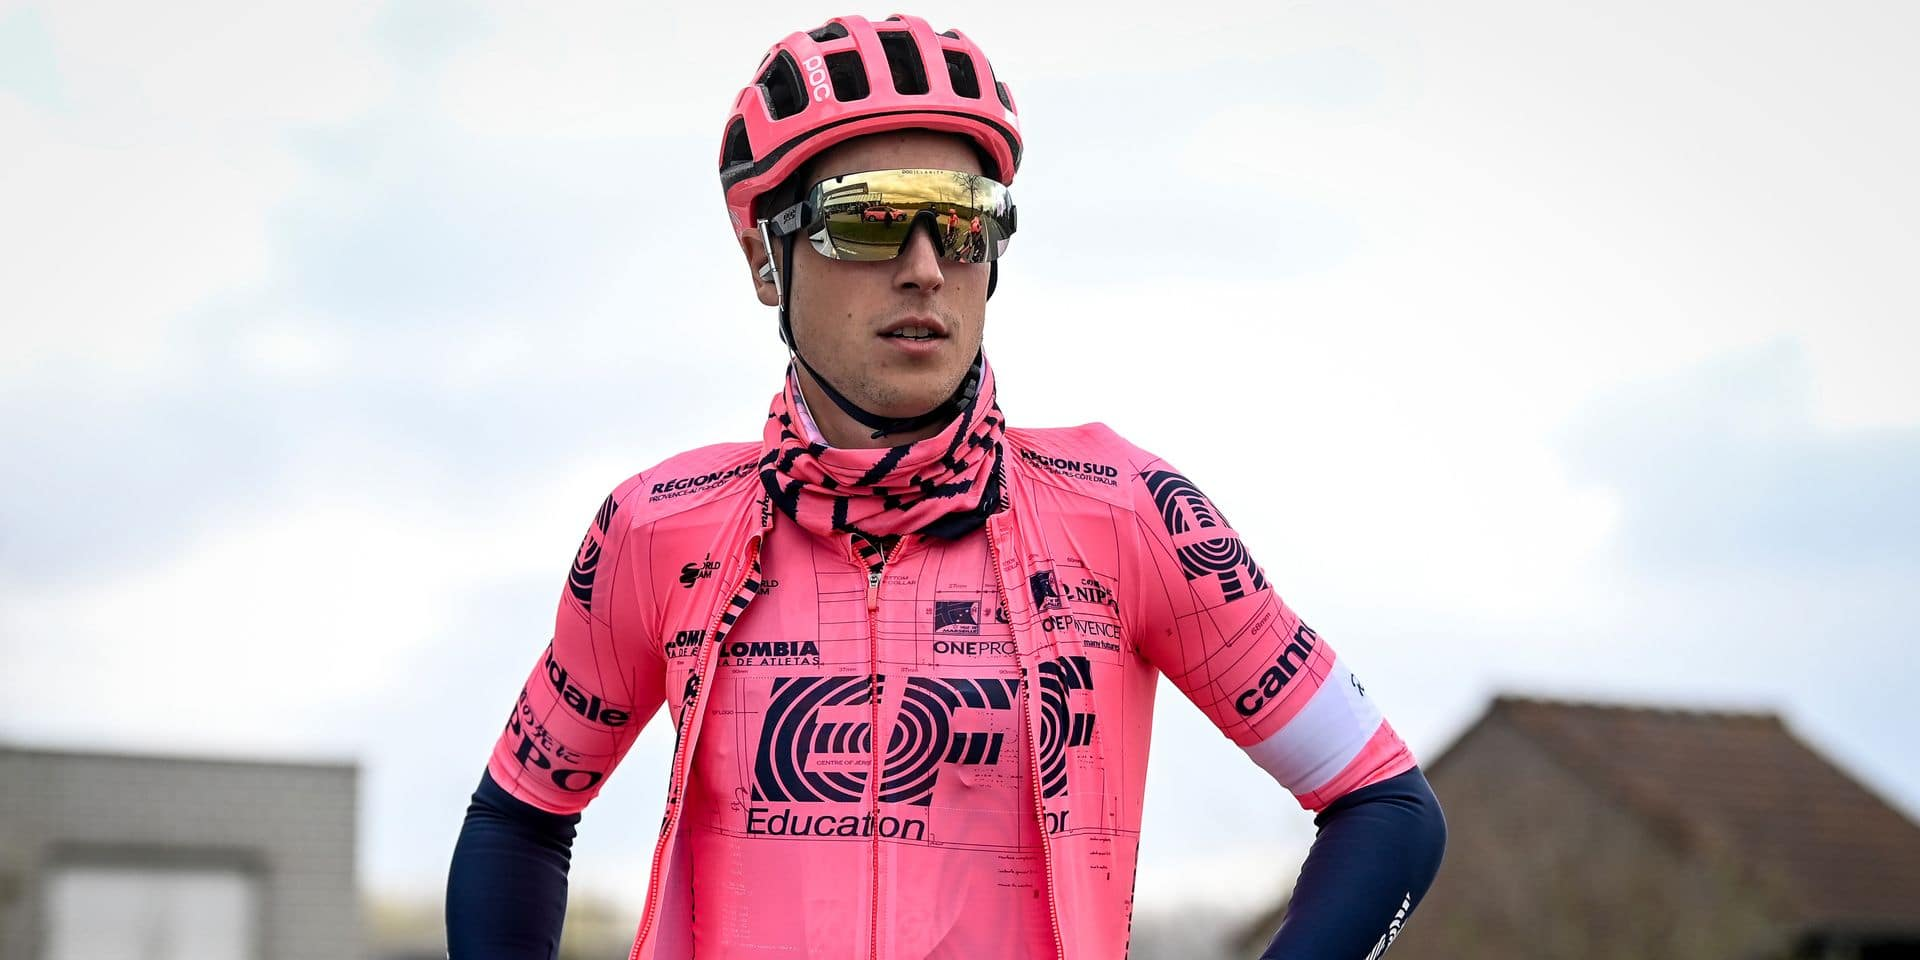 La préparation wallonne de Jens Keukeleire pour le Giro